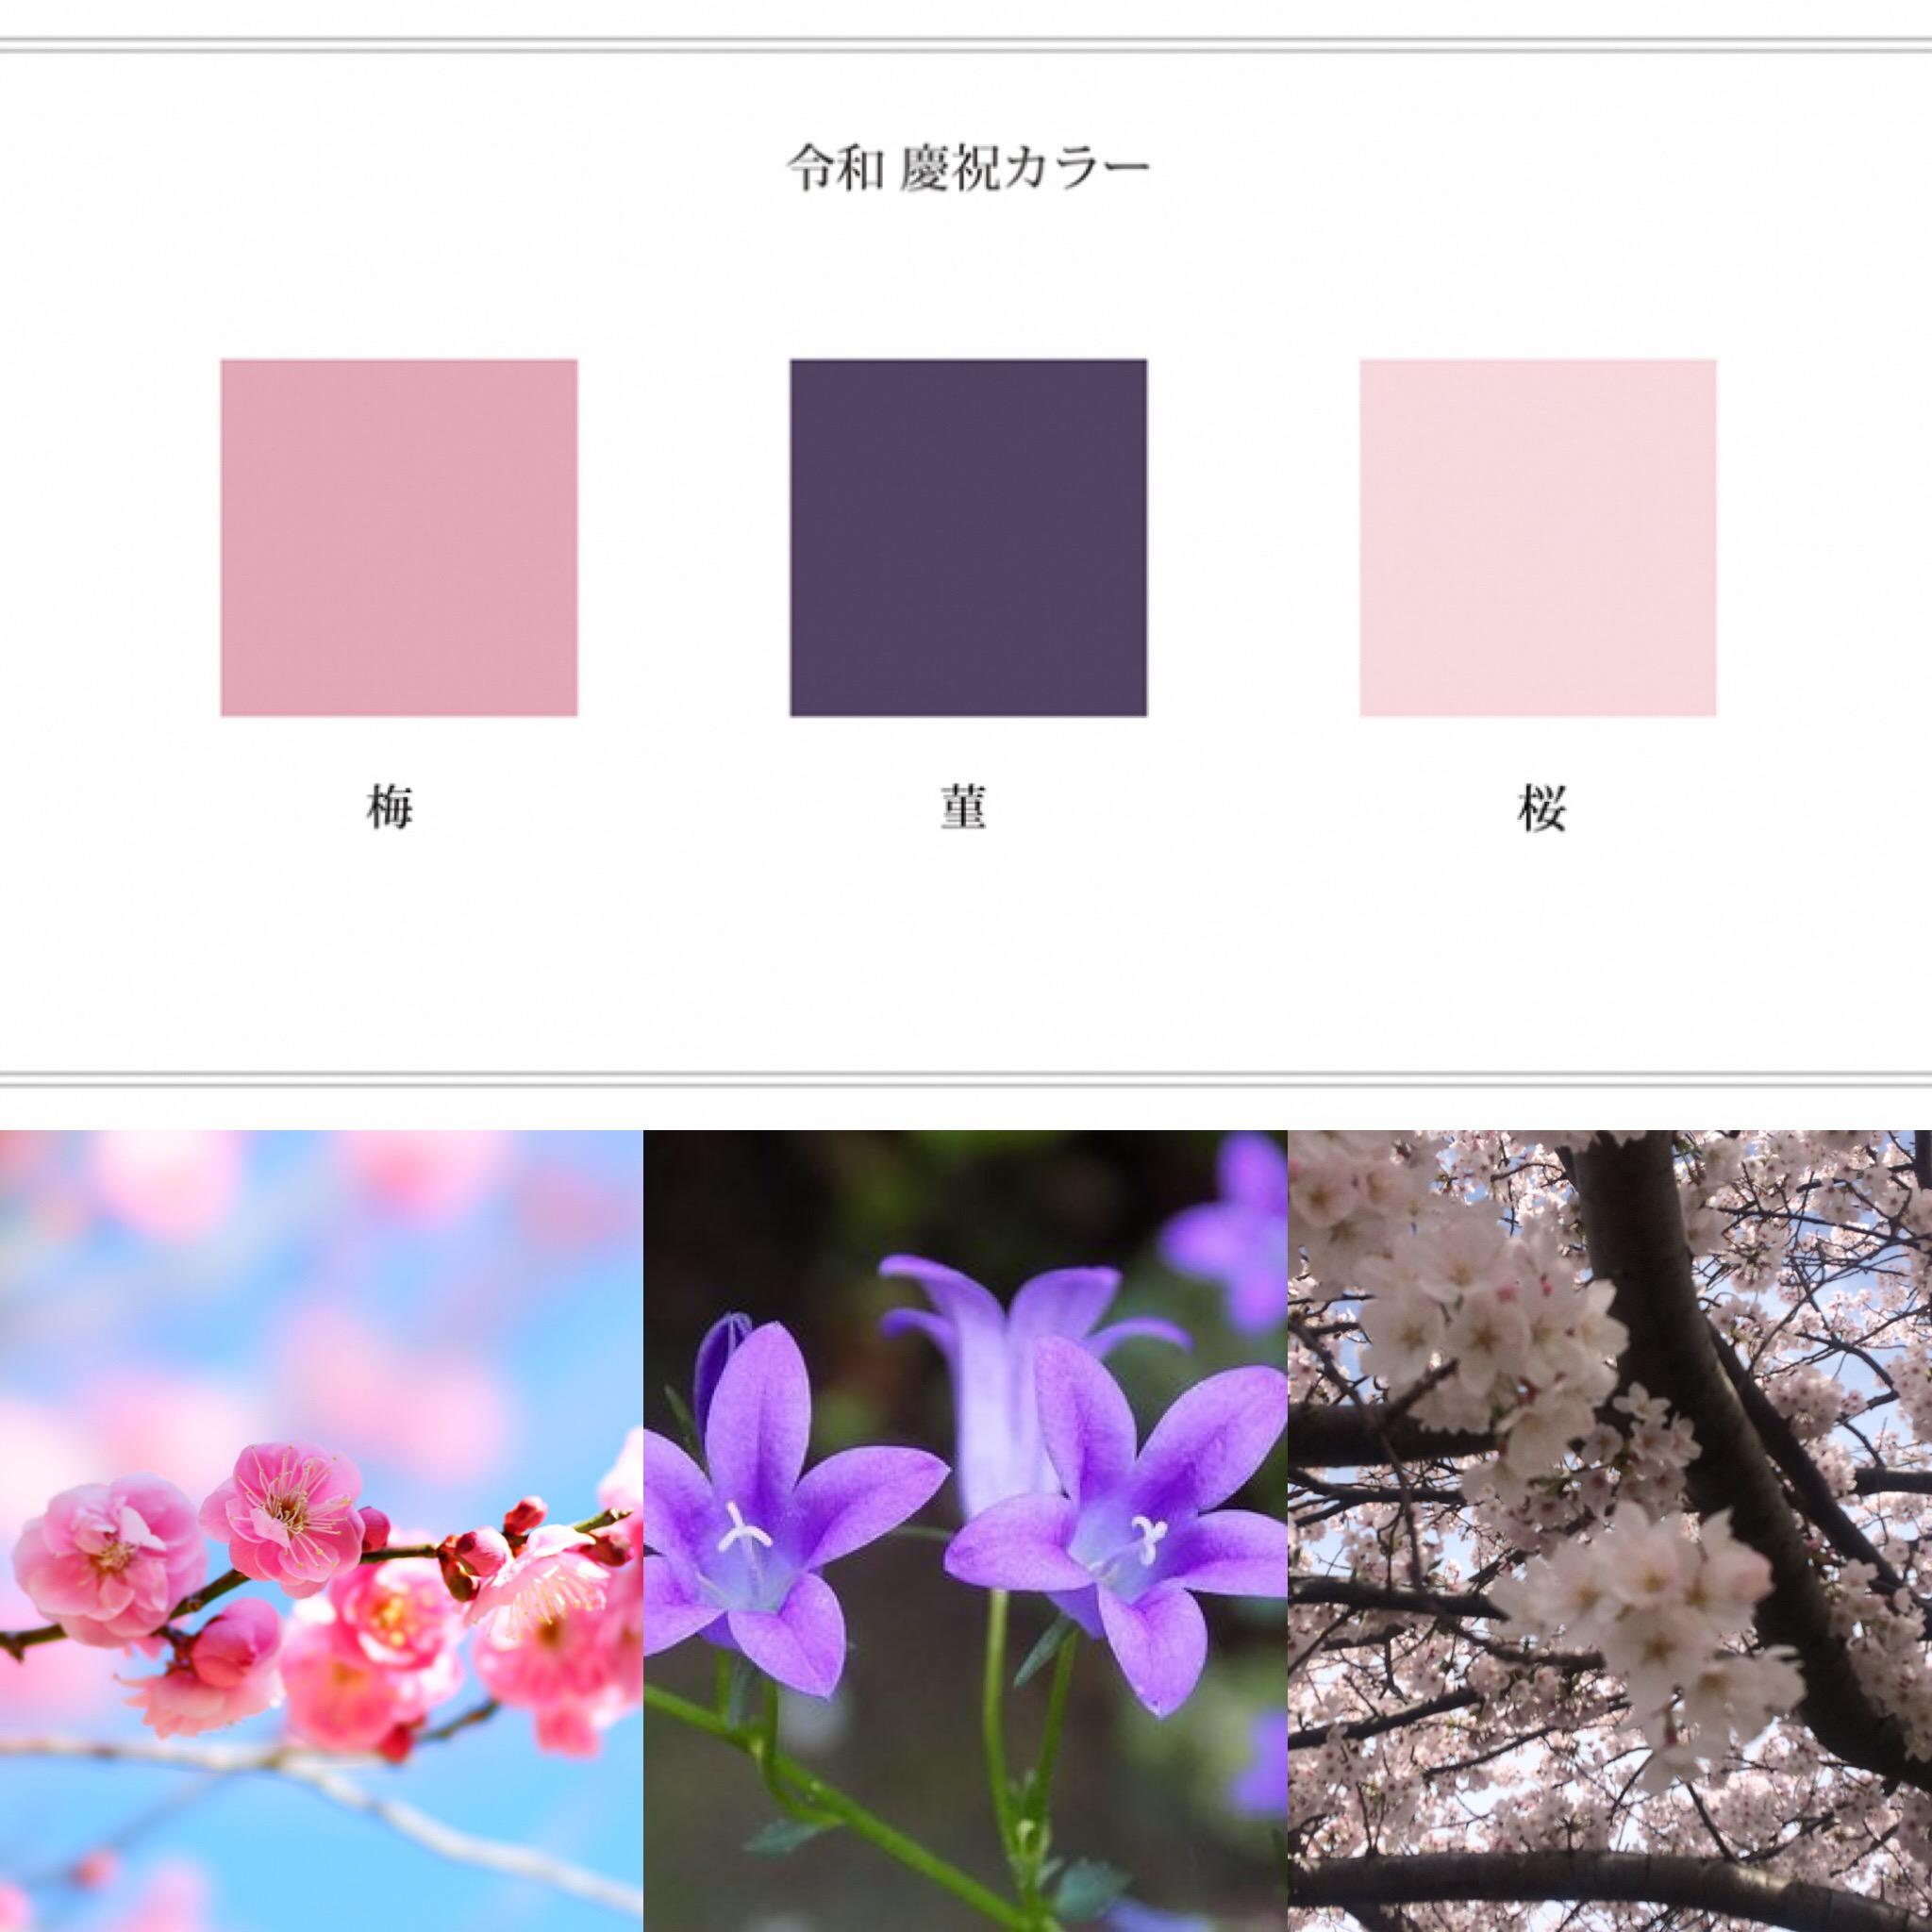 幸福感と美のピンク、高貴で上品な紫は、令和にぴったりですね。個人的には、令和の新元号から、愛と美しさ、優しさ溢れるエネルギーを感じます。